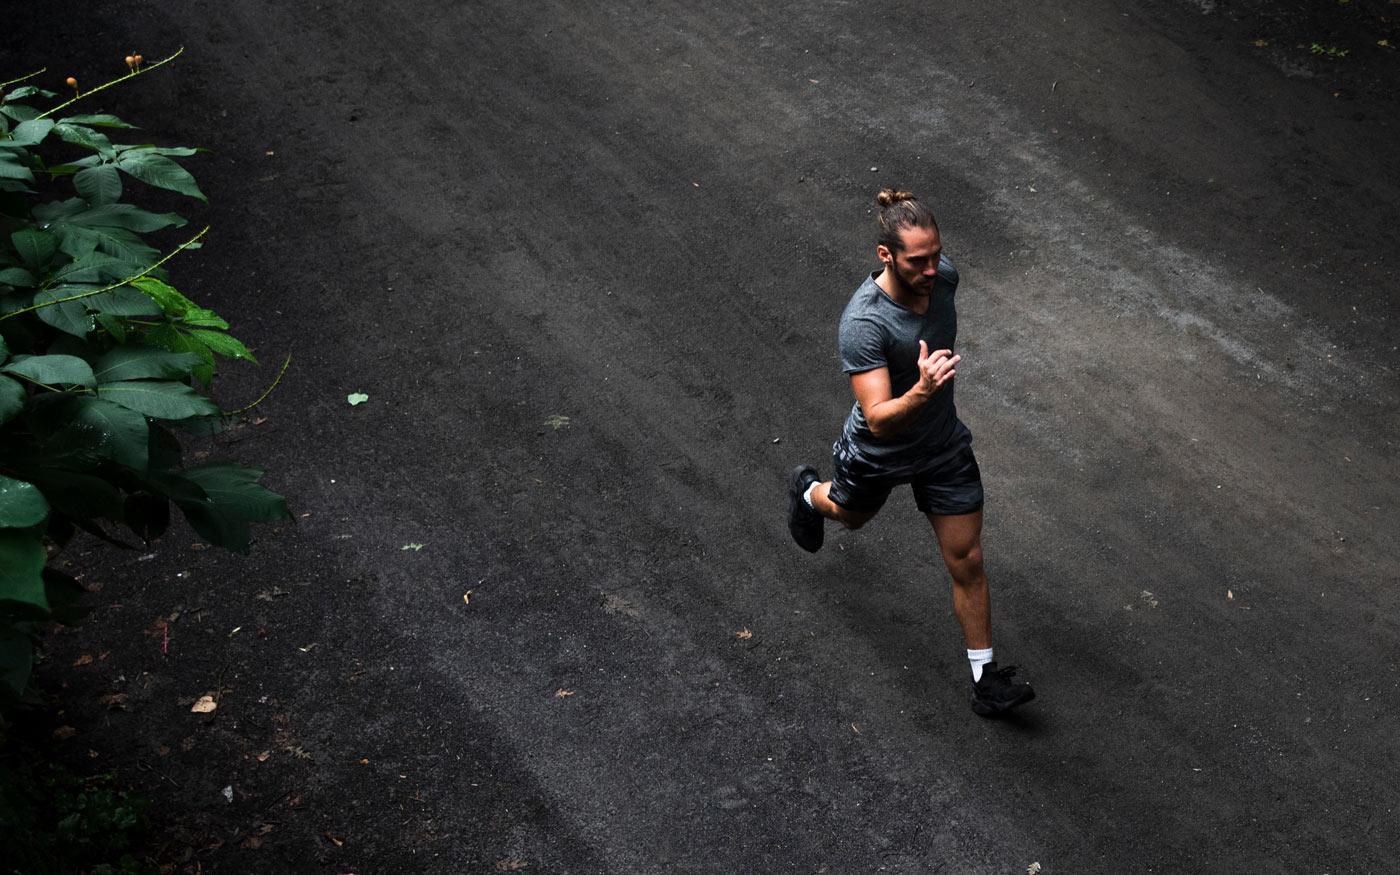 Sportolni most is kell, de legyen körültekintő